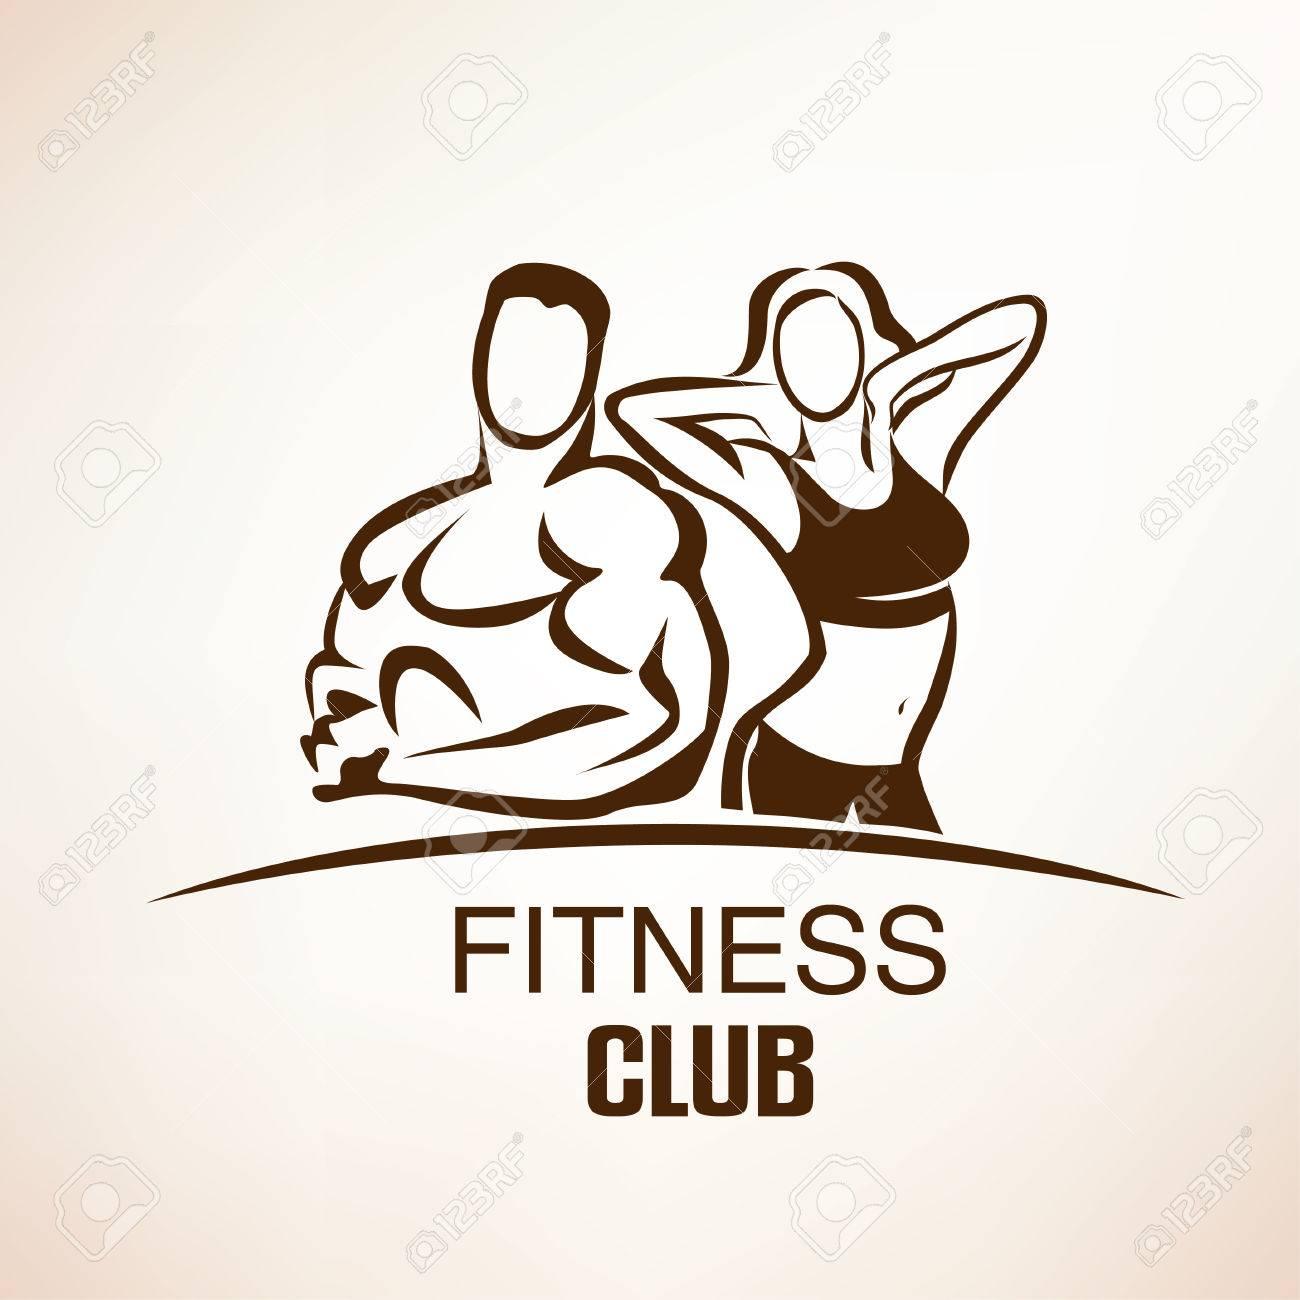 fitness symbol, outlined sketch, emblem or label template - 54024623